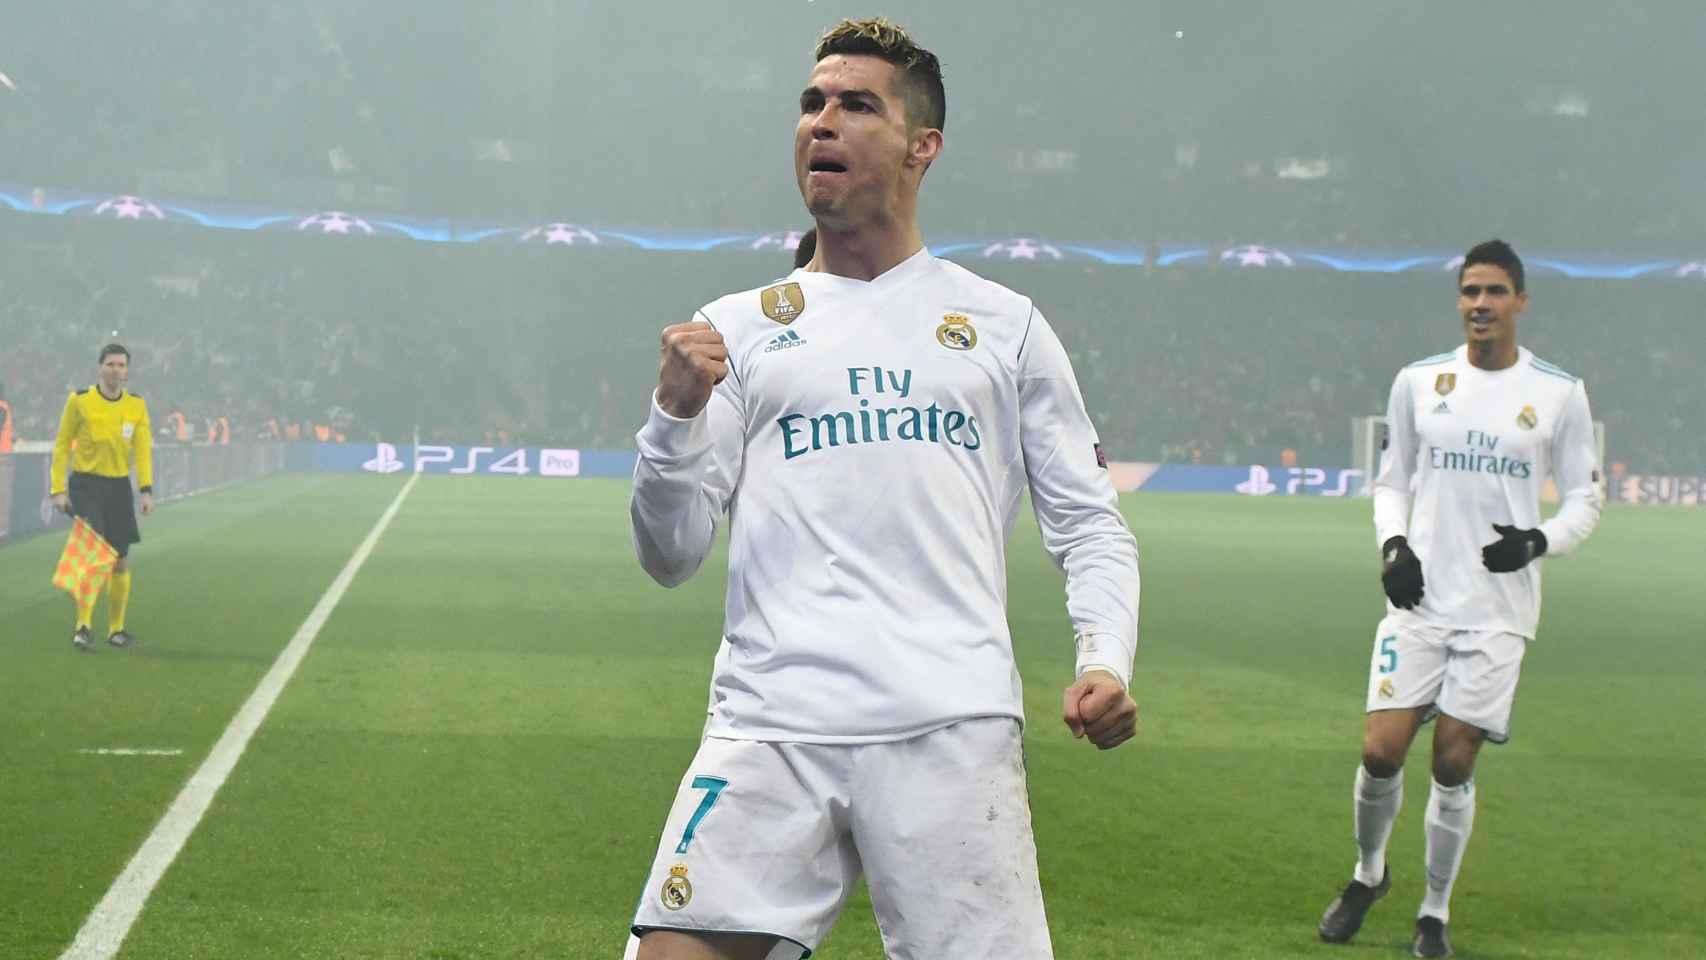 La celebración de Cristiano de su gol, el que colocó el 0-1 en el marcador.